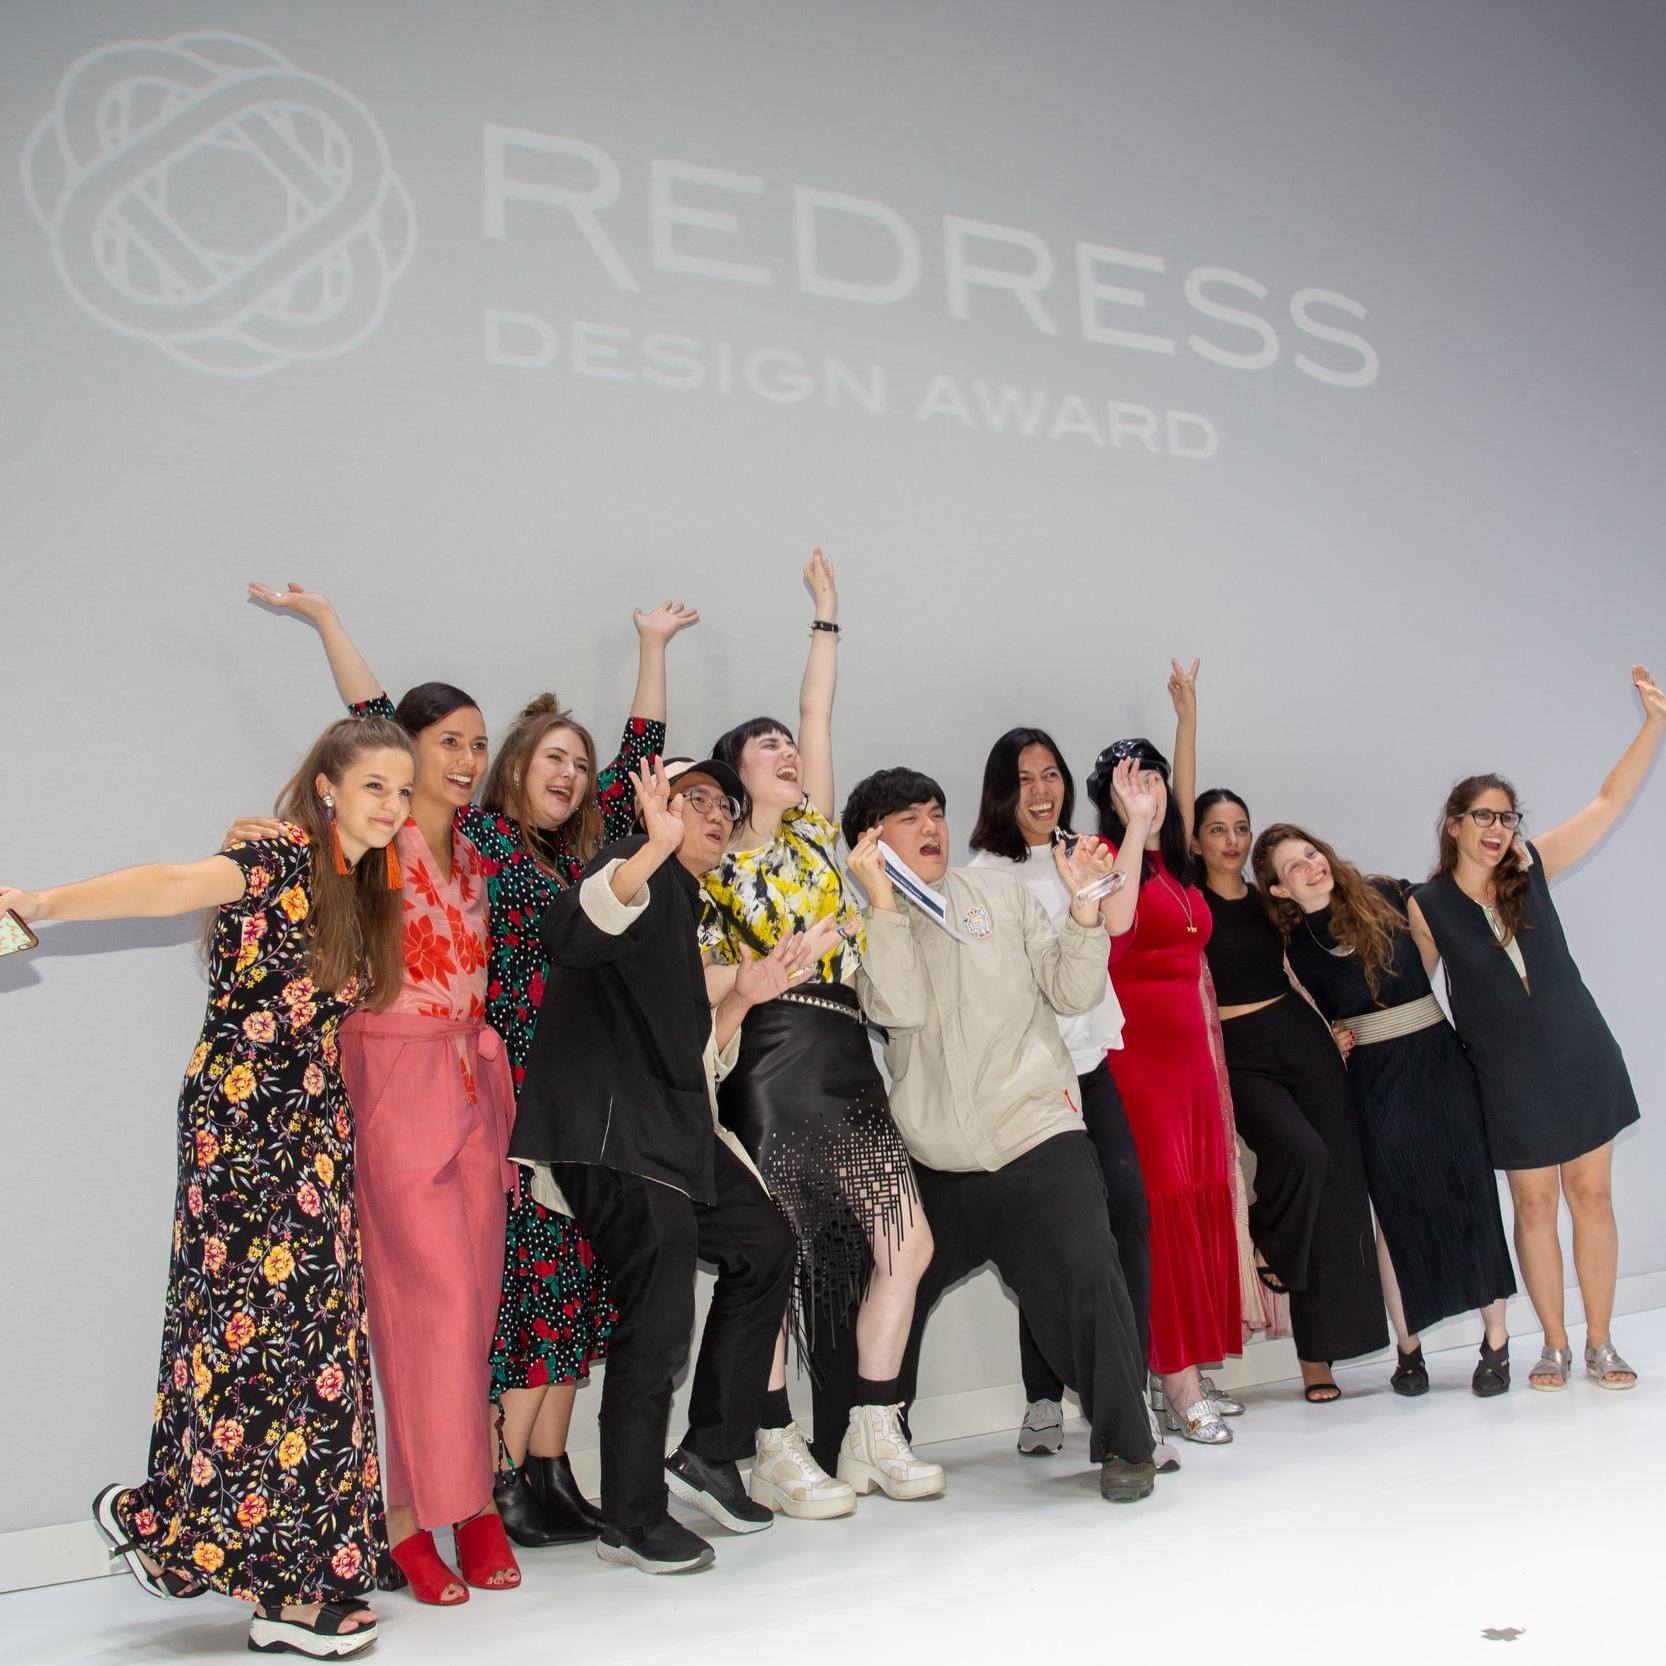 Redress-C-490.jpg